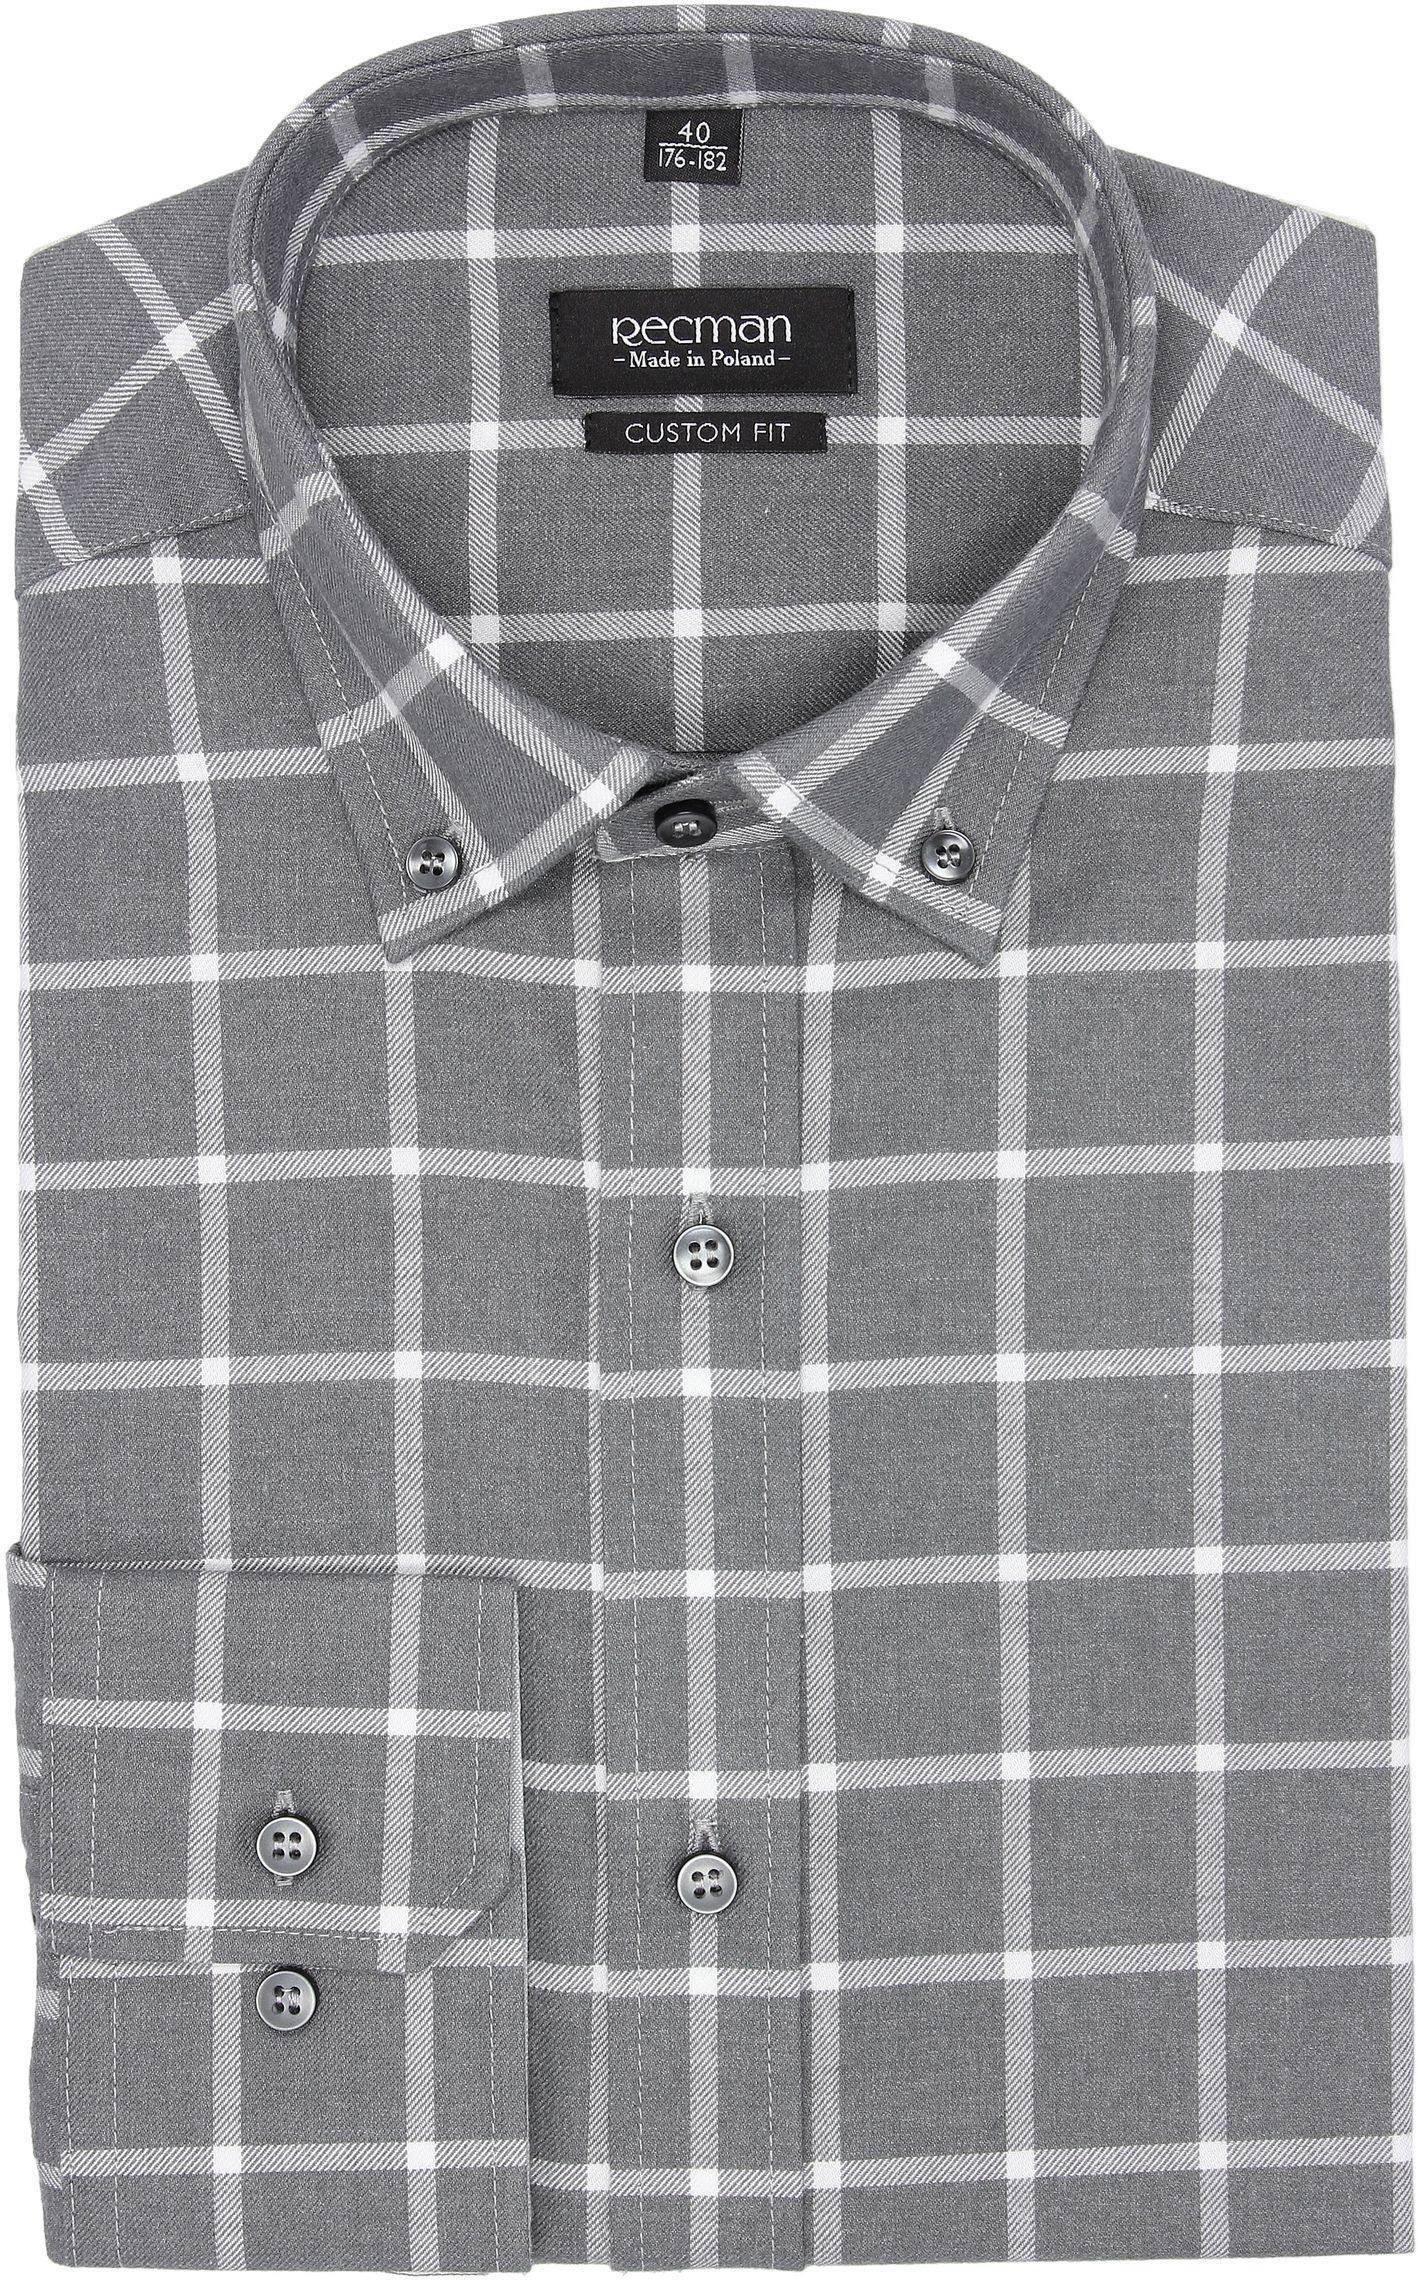 koszula bexley f2693 długi rękaw custom fit szary